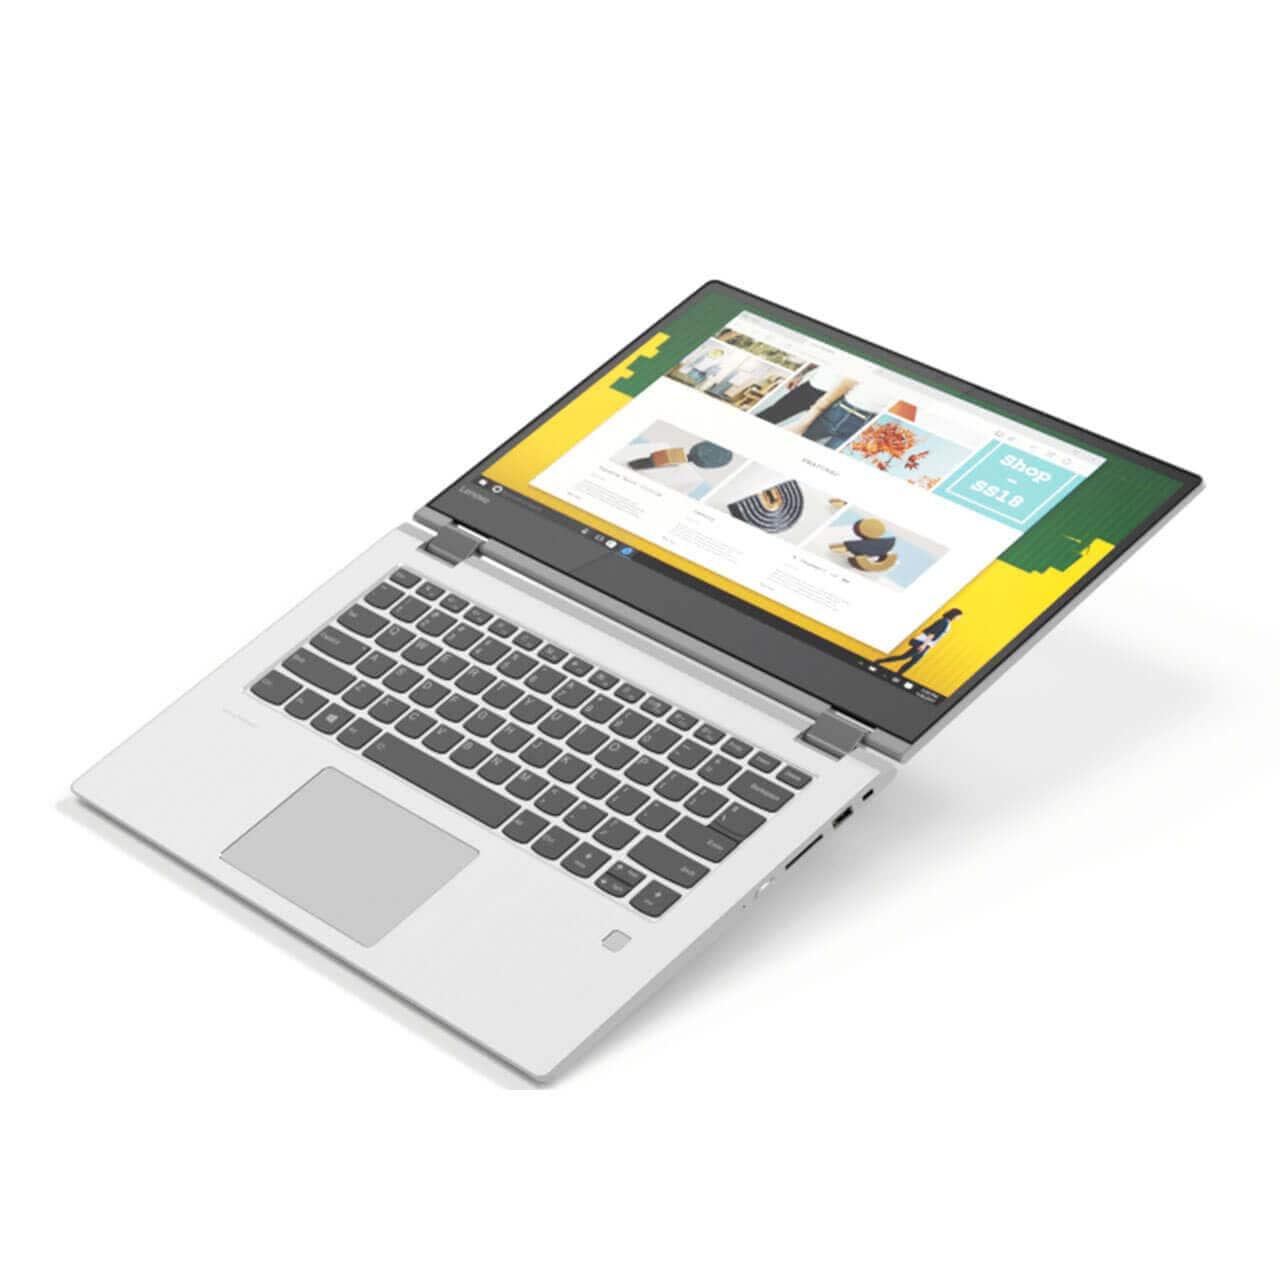 """Lenovo Flex 14, 14.0"""", i5-8250U, 8 GB RAM, 256GB SSD, Win 10 Home 64 3"""